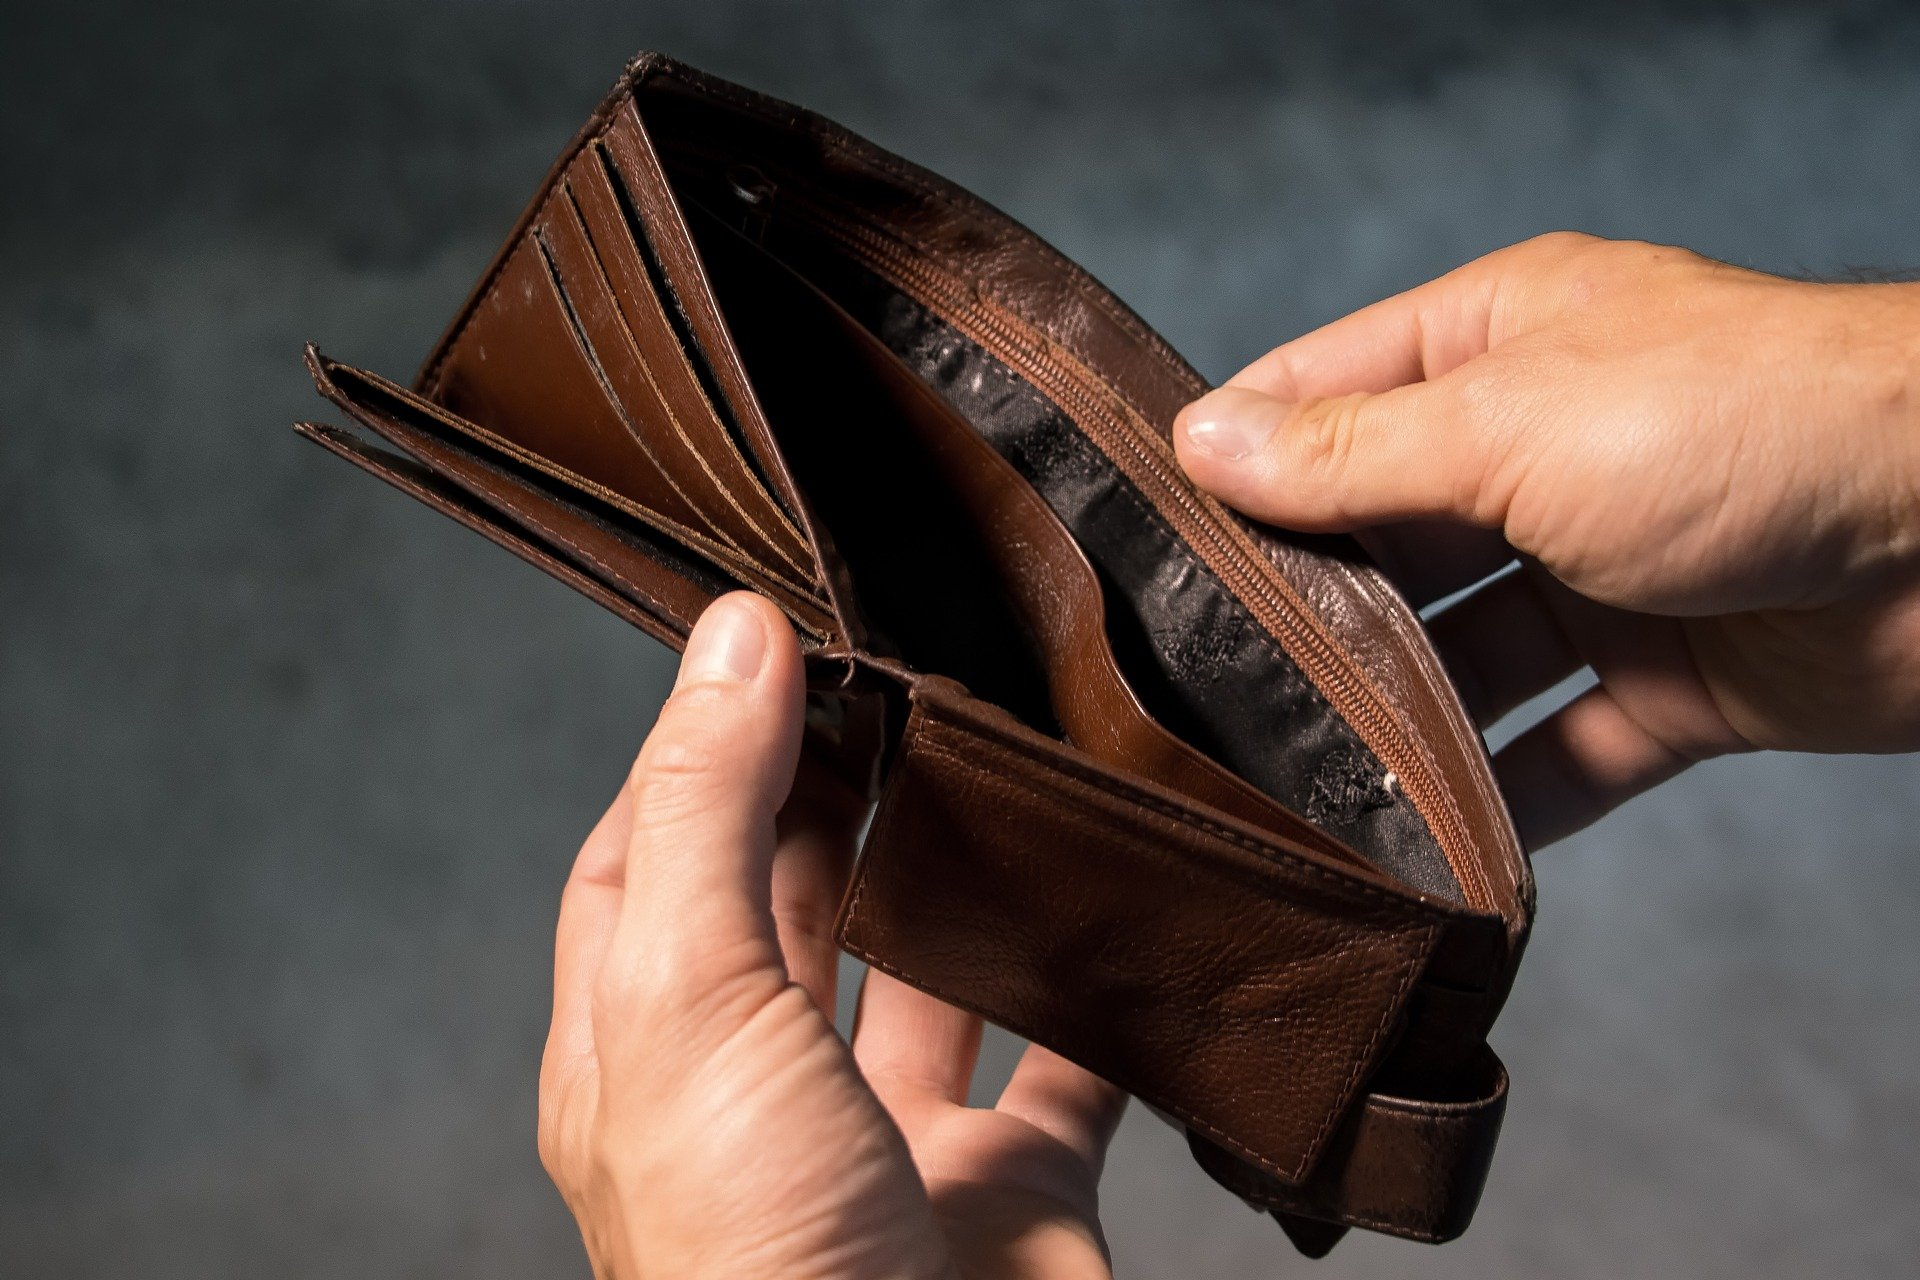 Привыкли терпеть: Психолог пояснила, почему некоторые боятся больших доходов